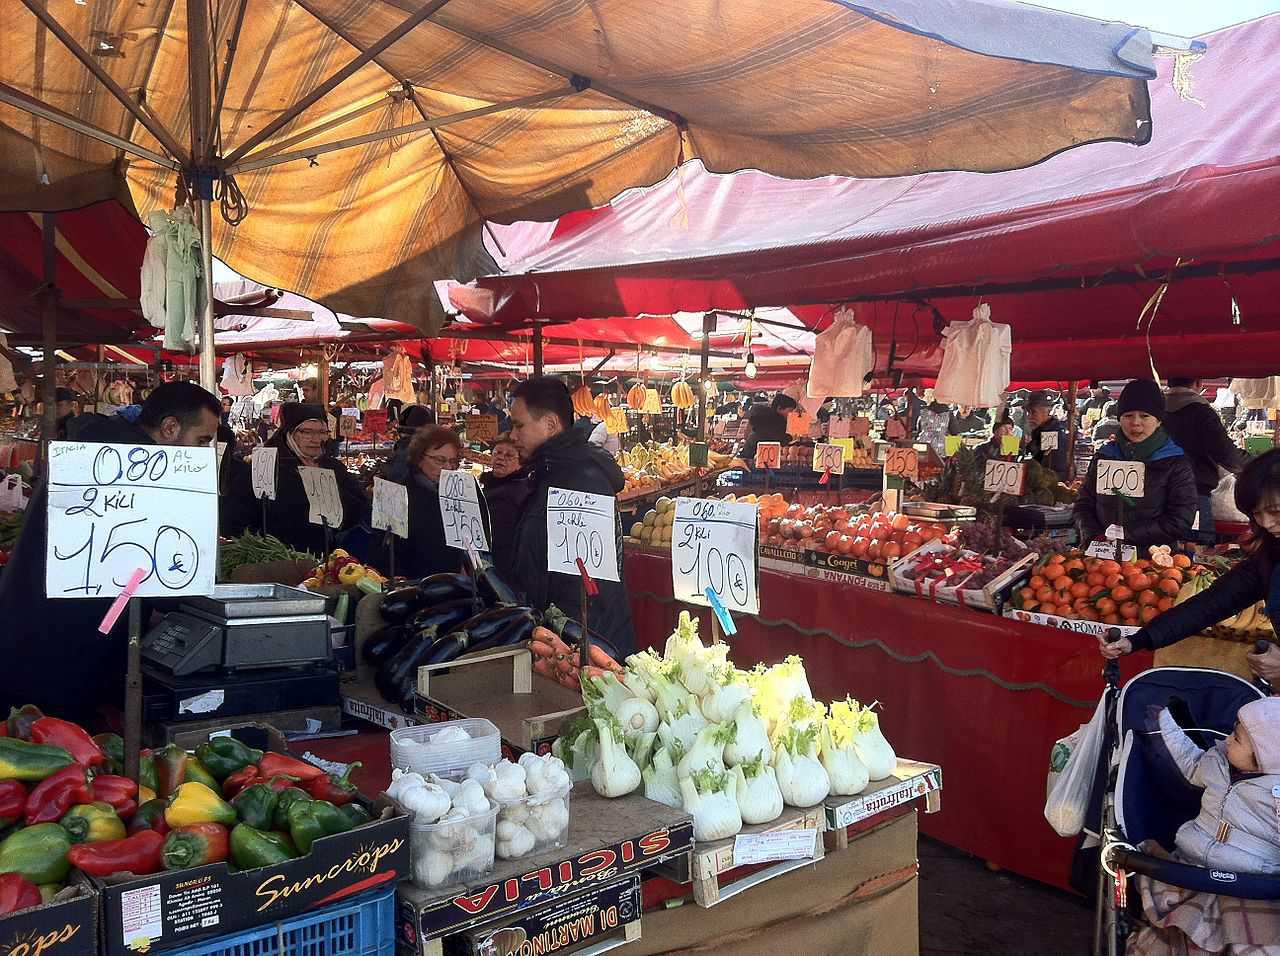 Porta Palazzo Market, Turin